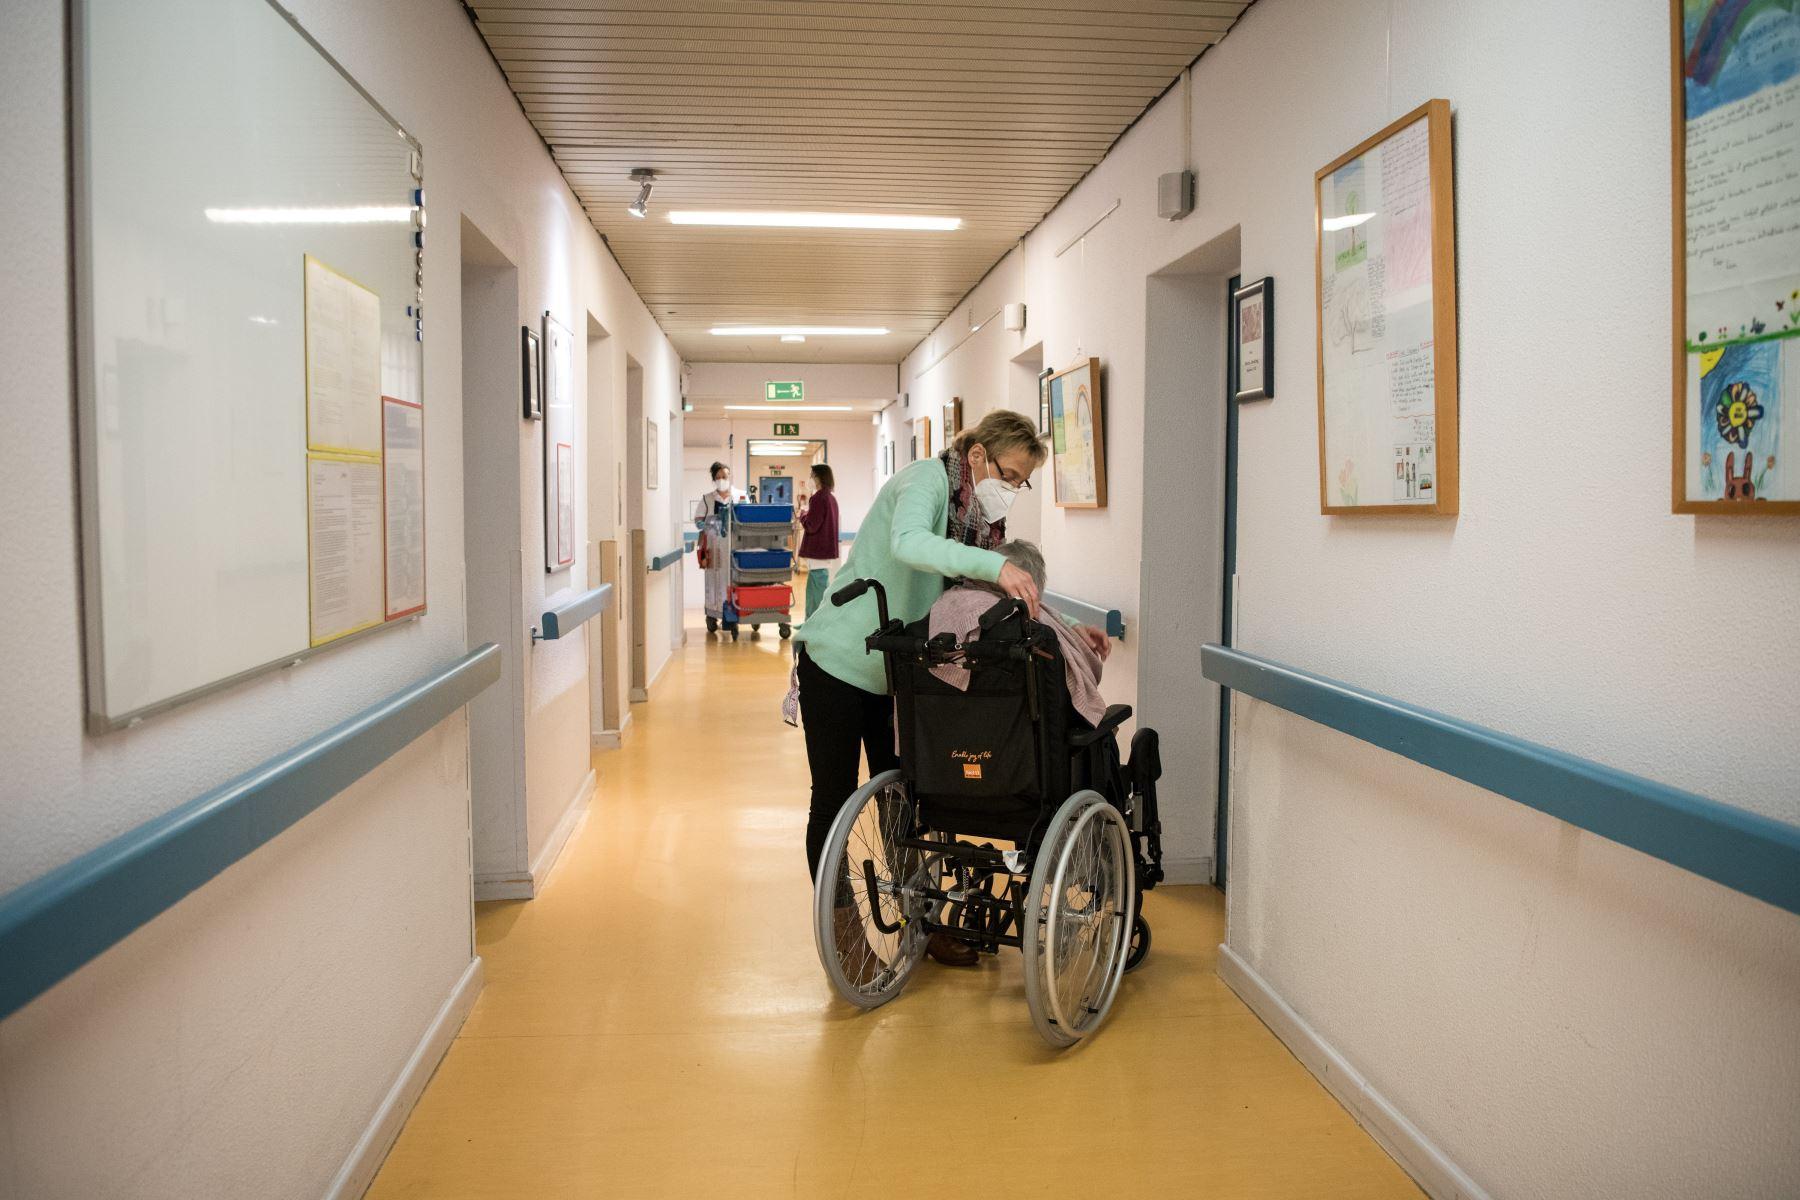 Una enfermera con una mascarilla protectora cuida a un residente en silla de ruedas en un hogar de ancianos en Berlín. Foto : AFP